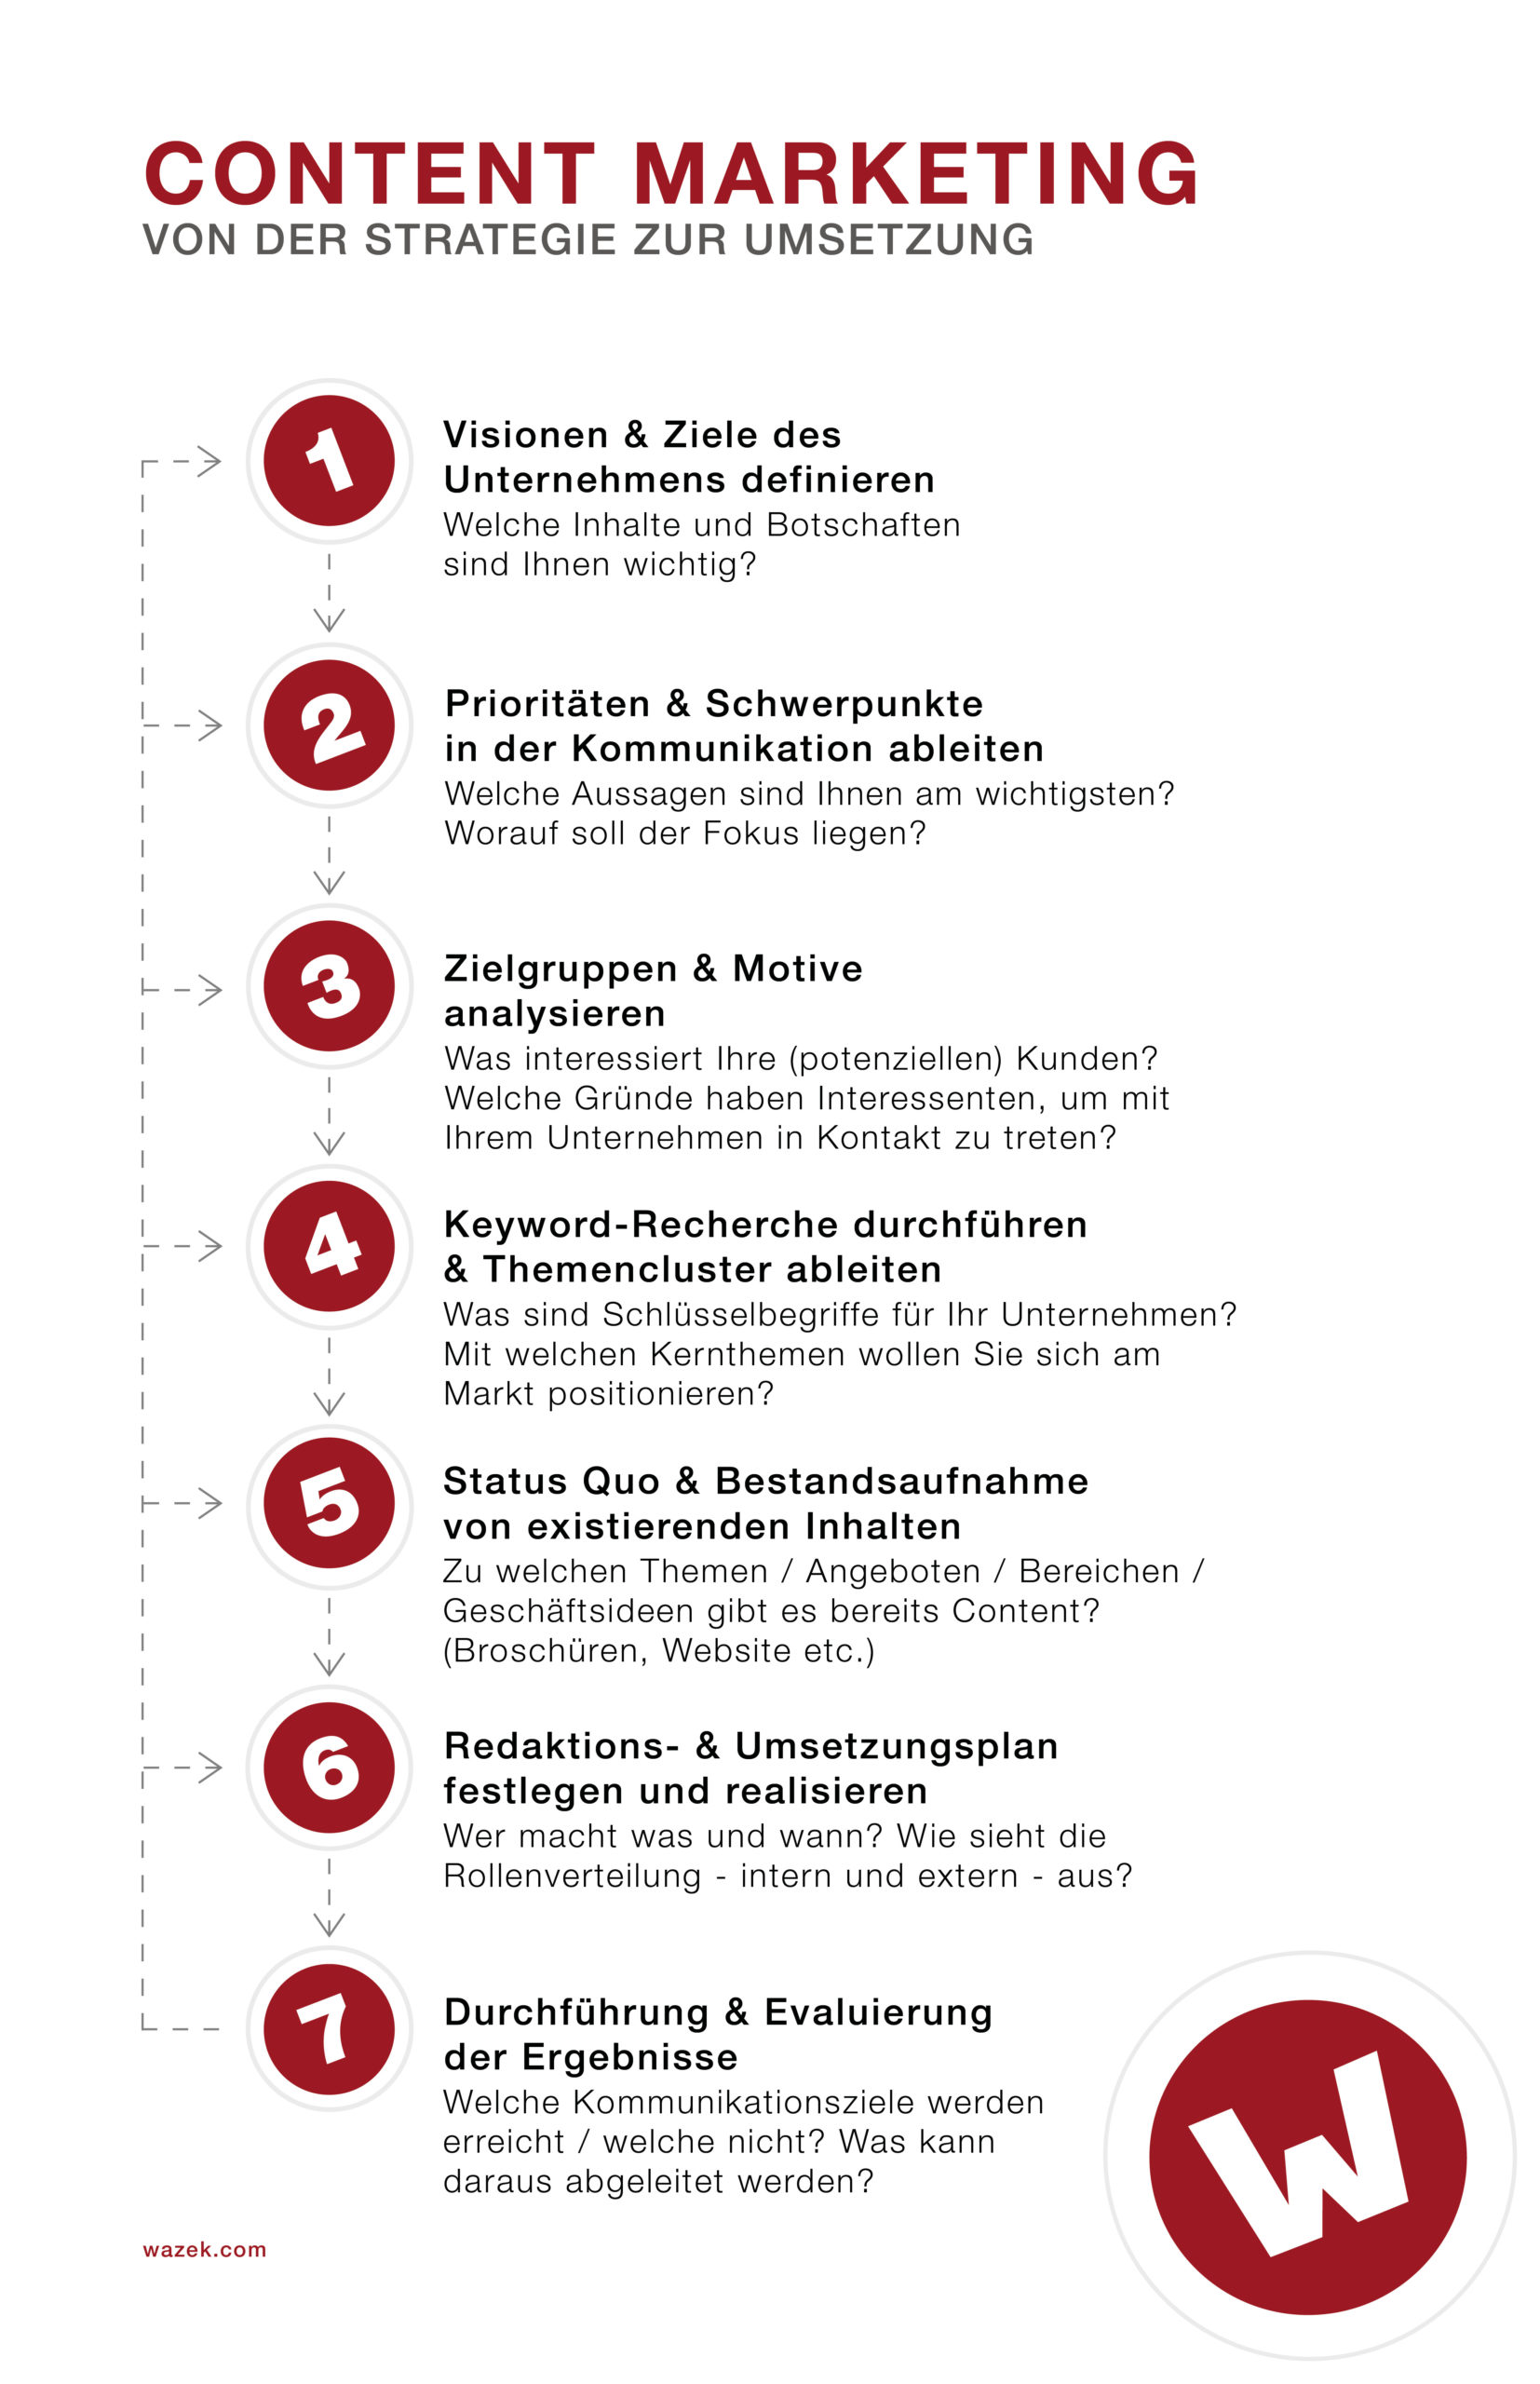 Content Marketing als Prozess in sieben Schritten